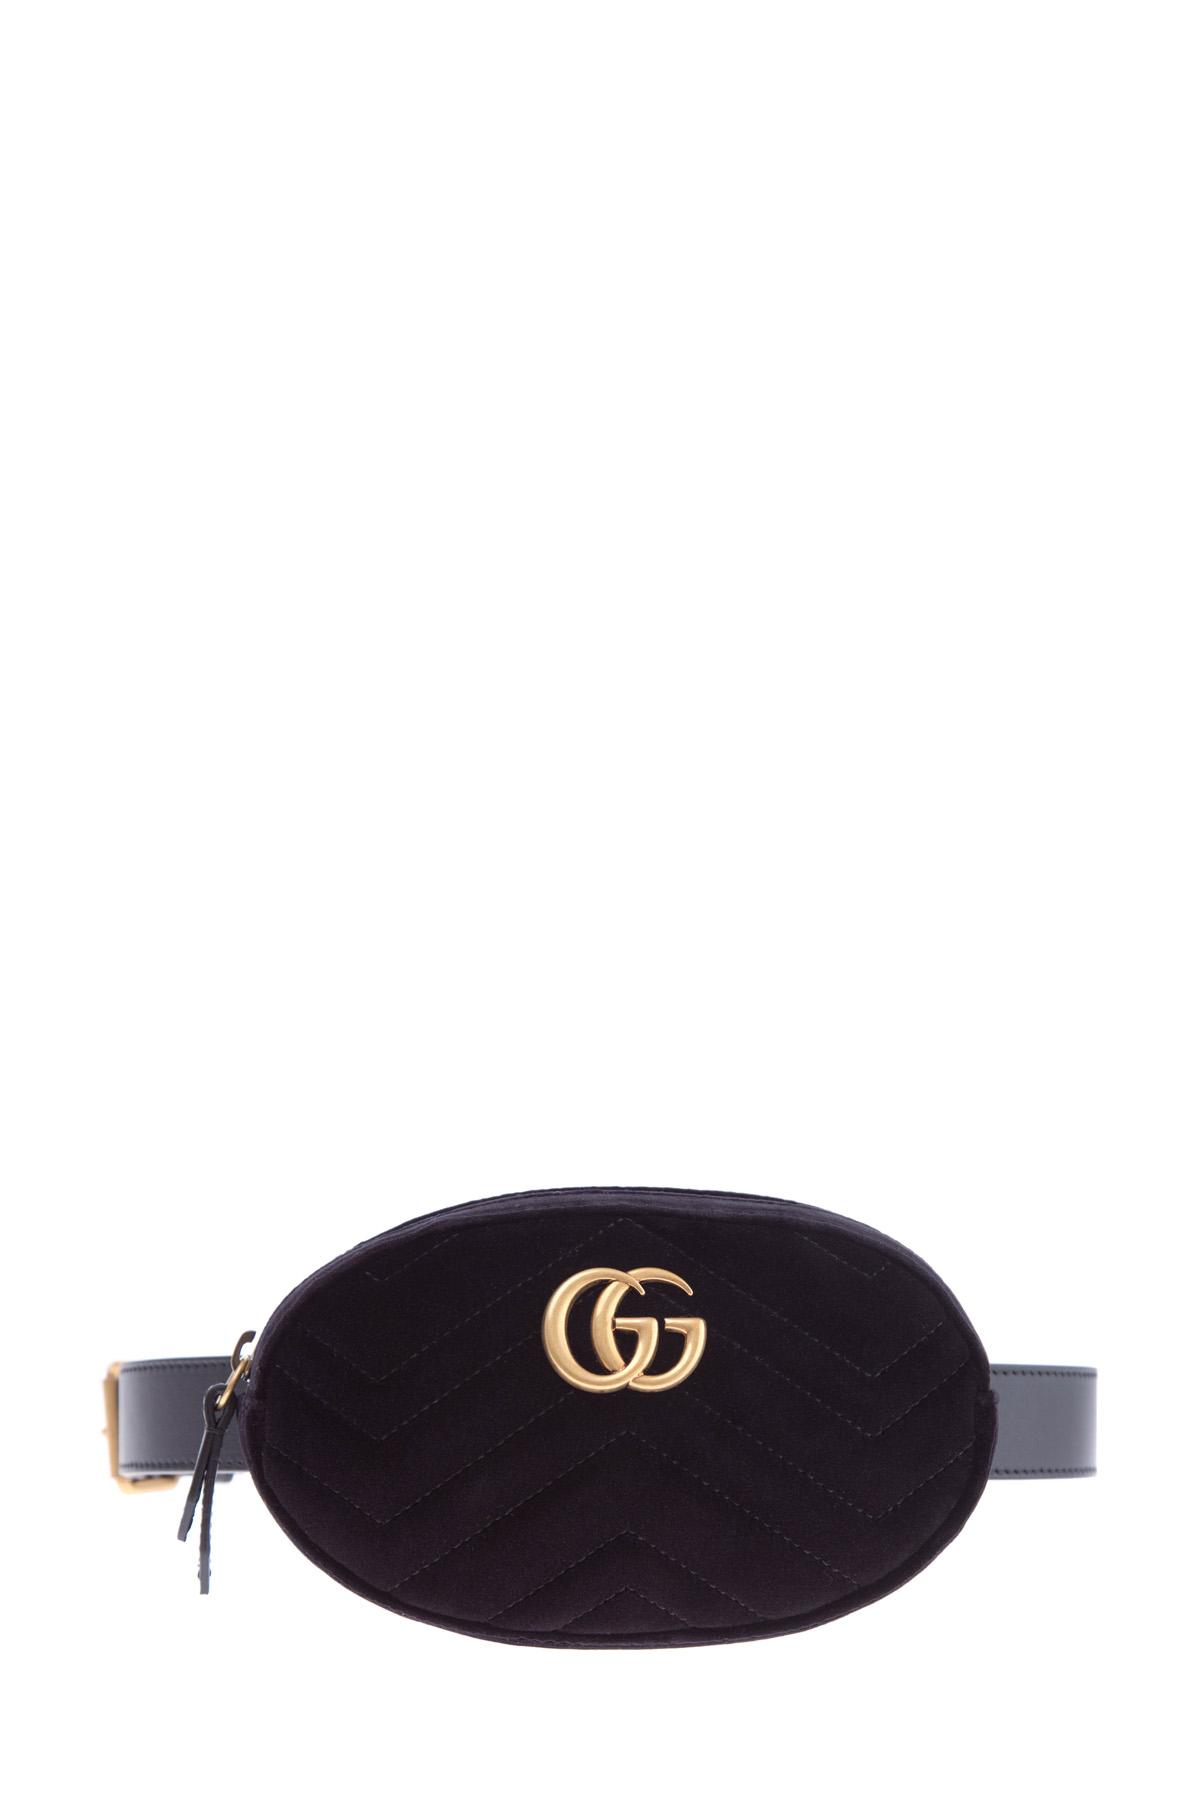 сумка GUCCI G476434 1000